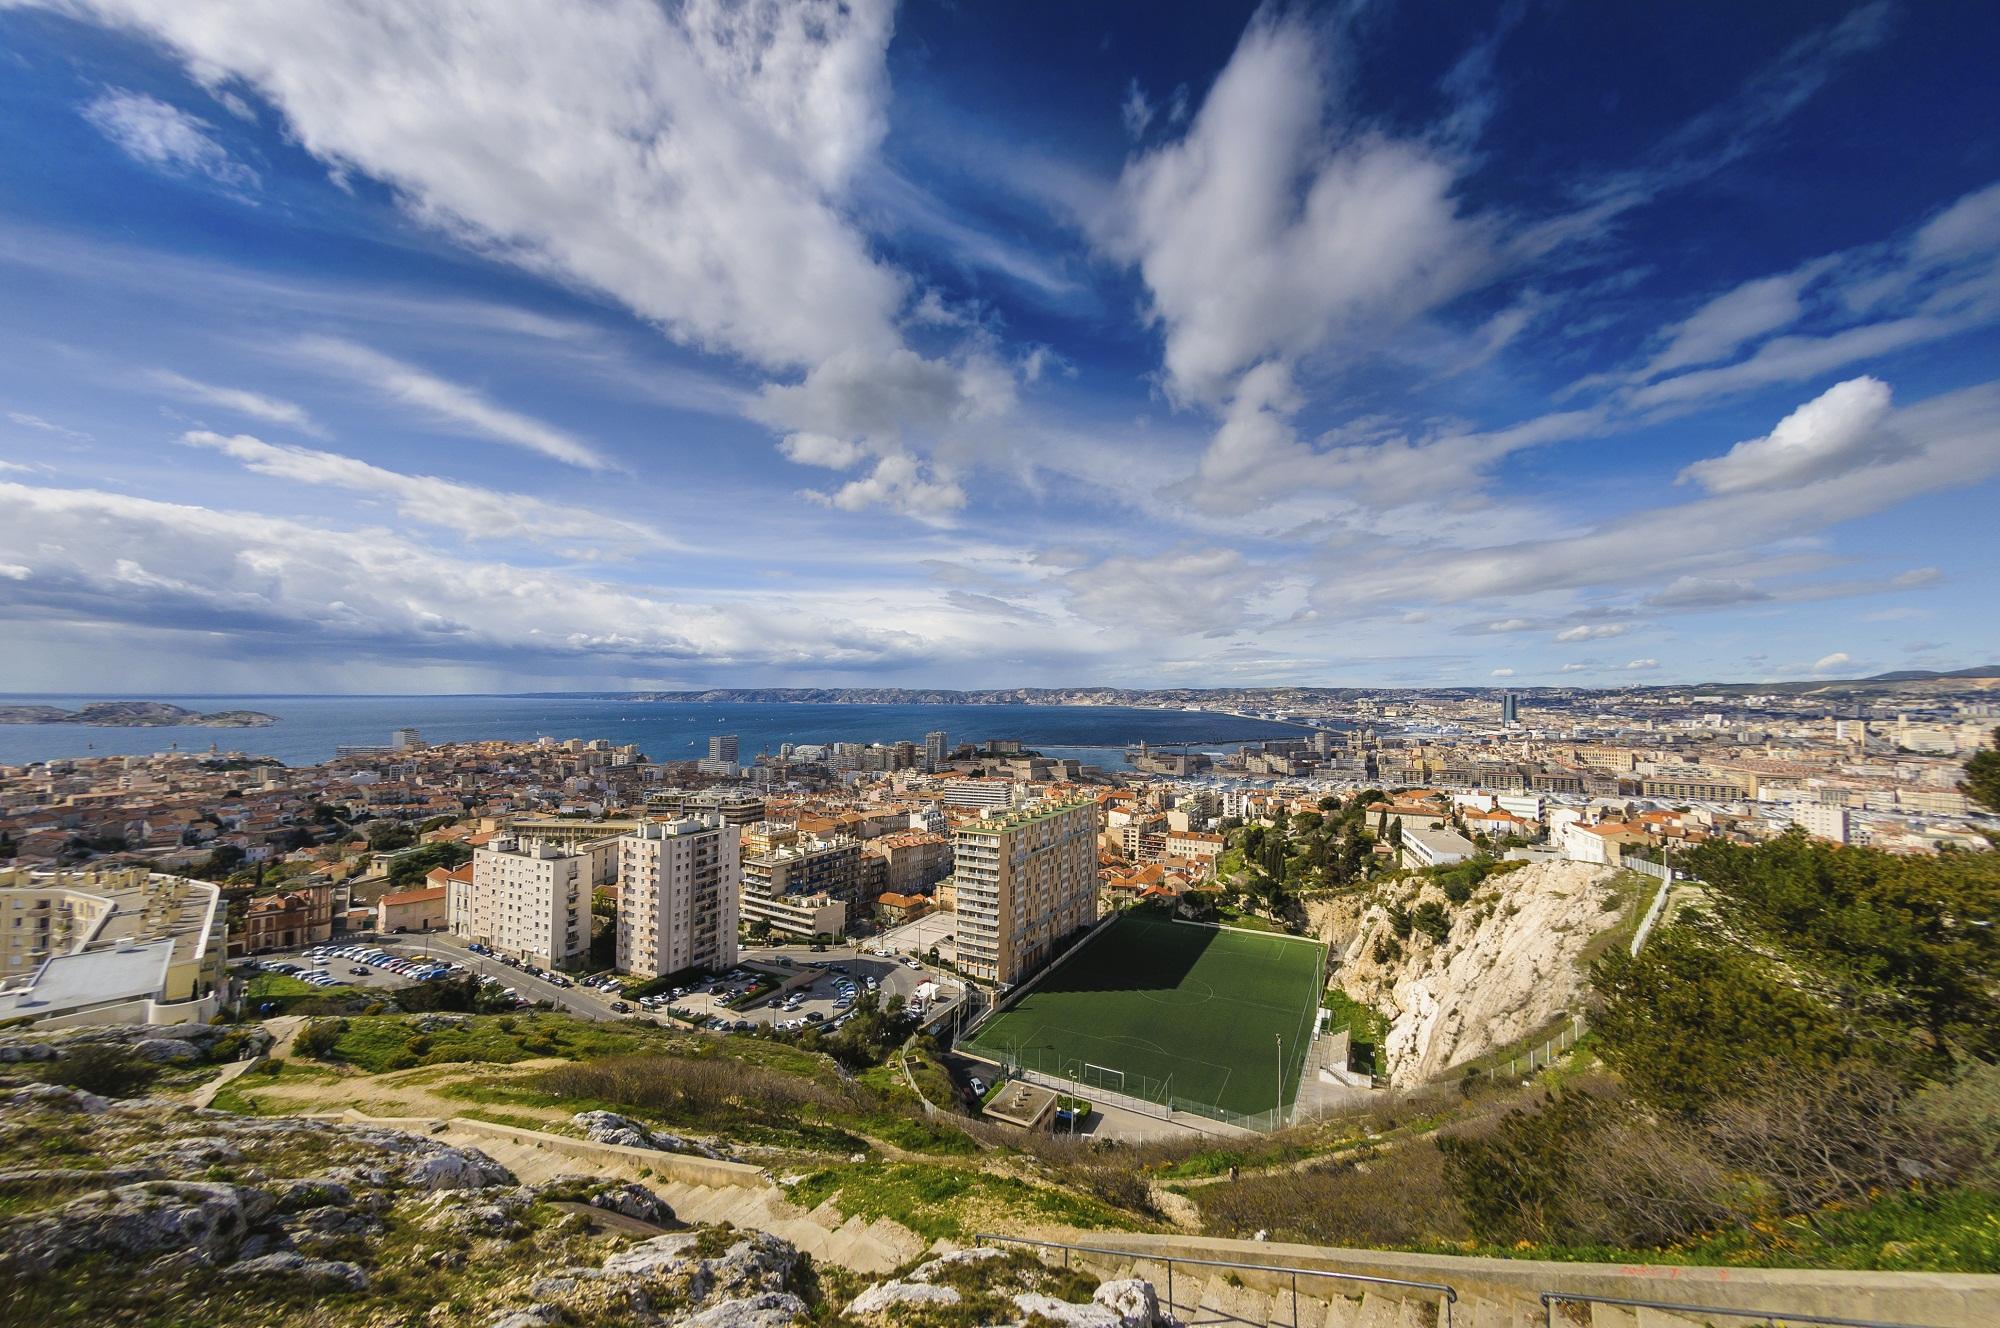 Les aides pour devenir propriétaire dans les Bouches-du-Rhône